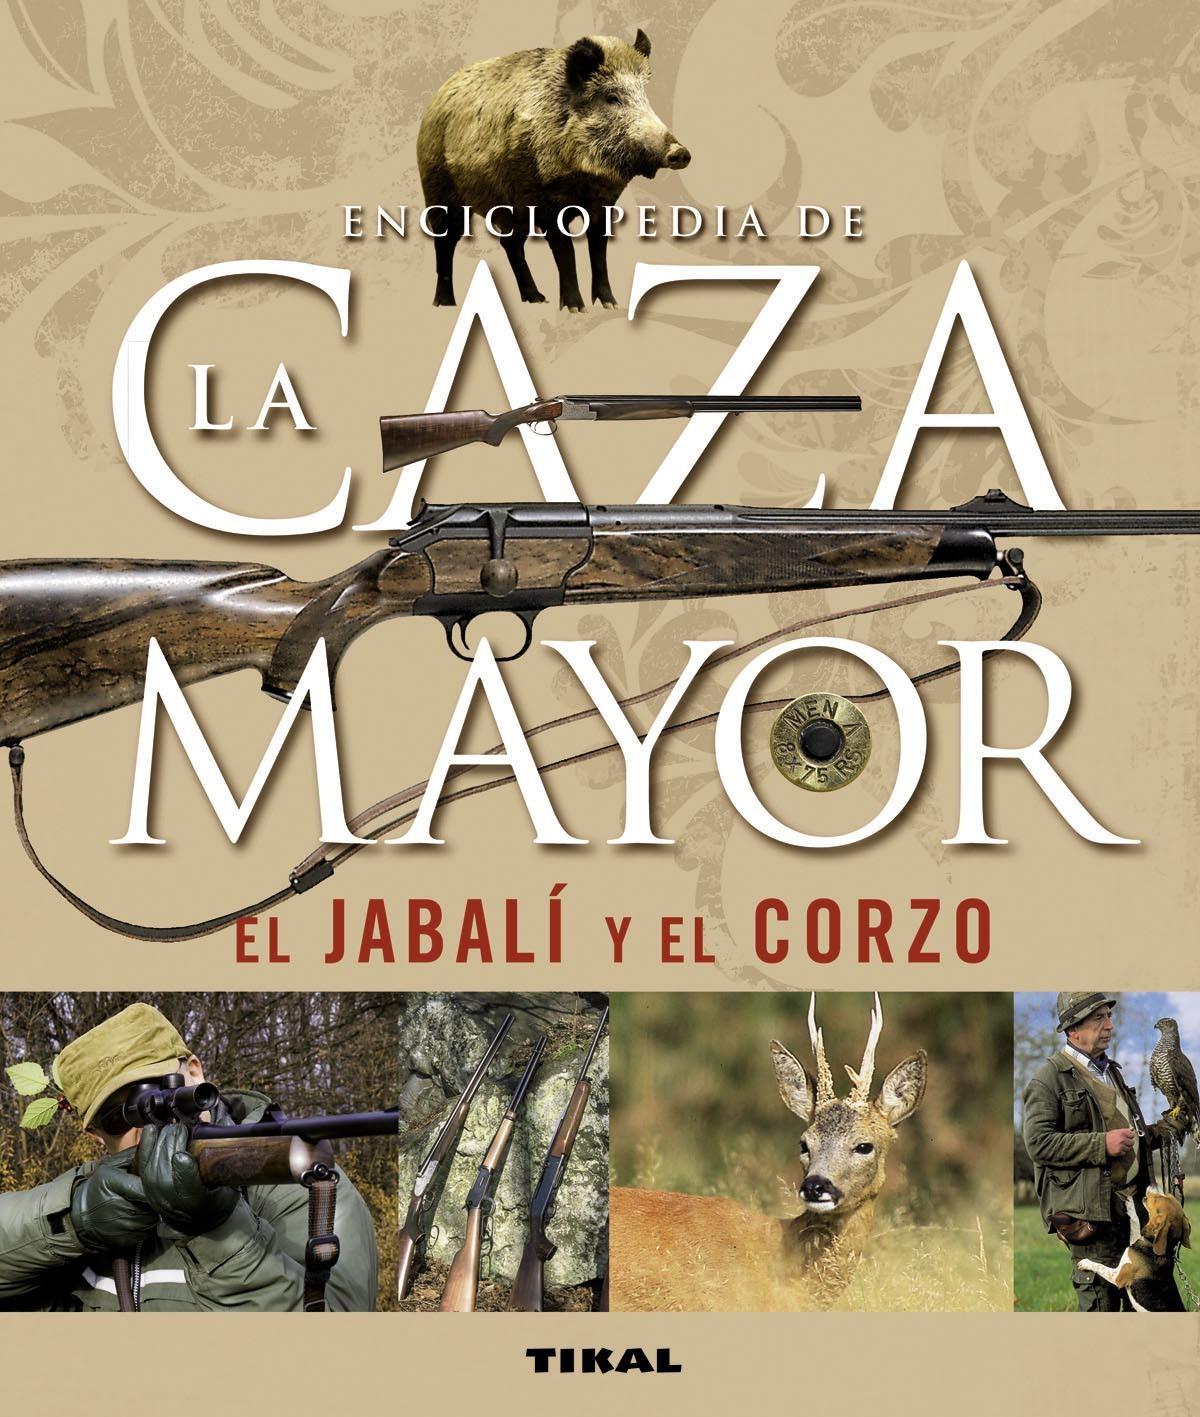 ENCICLOPEDIA DE LA CAZA MAYOR: EL JABALÍ Y EL CORZO